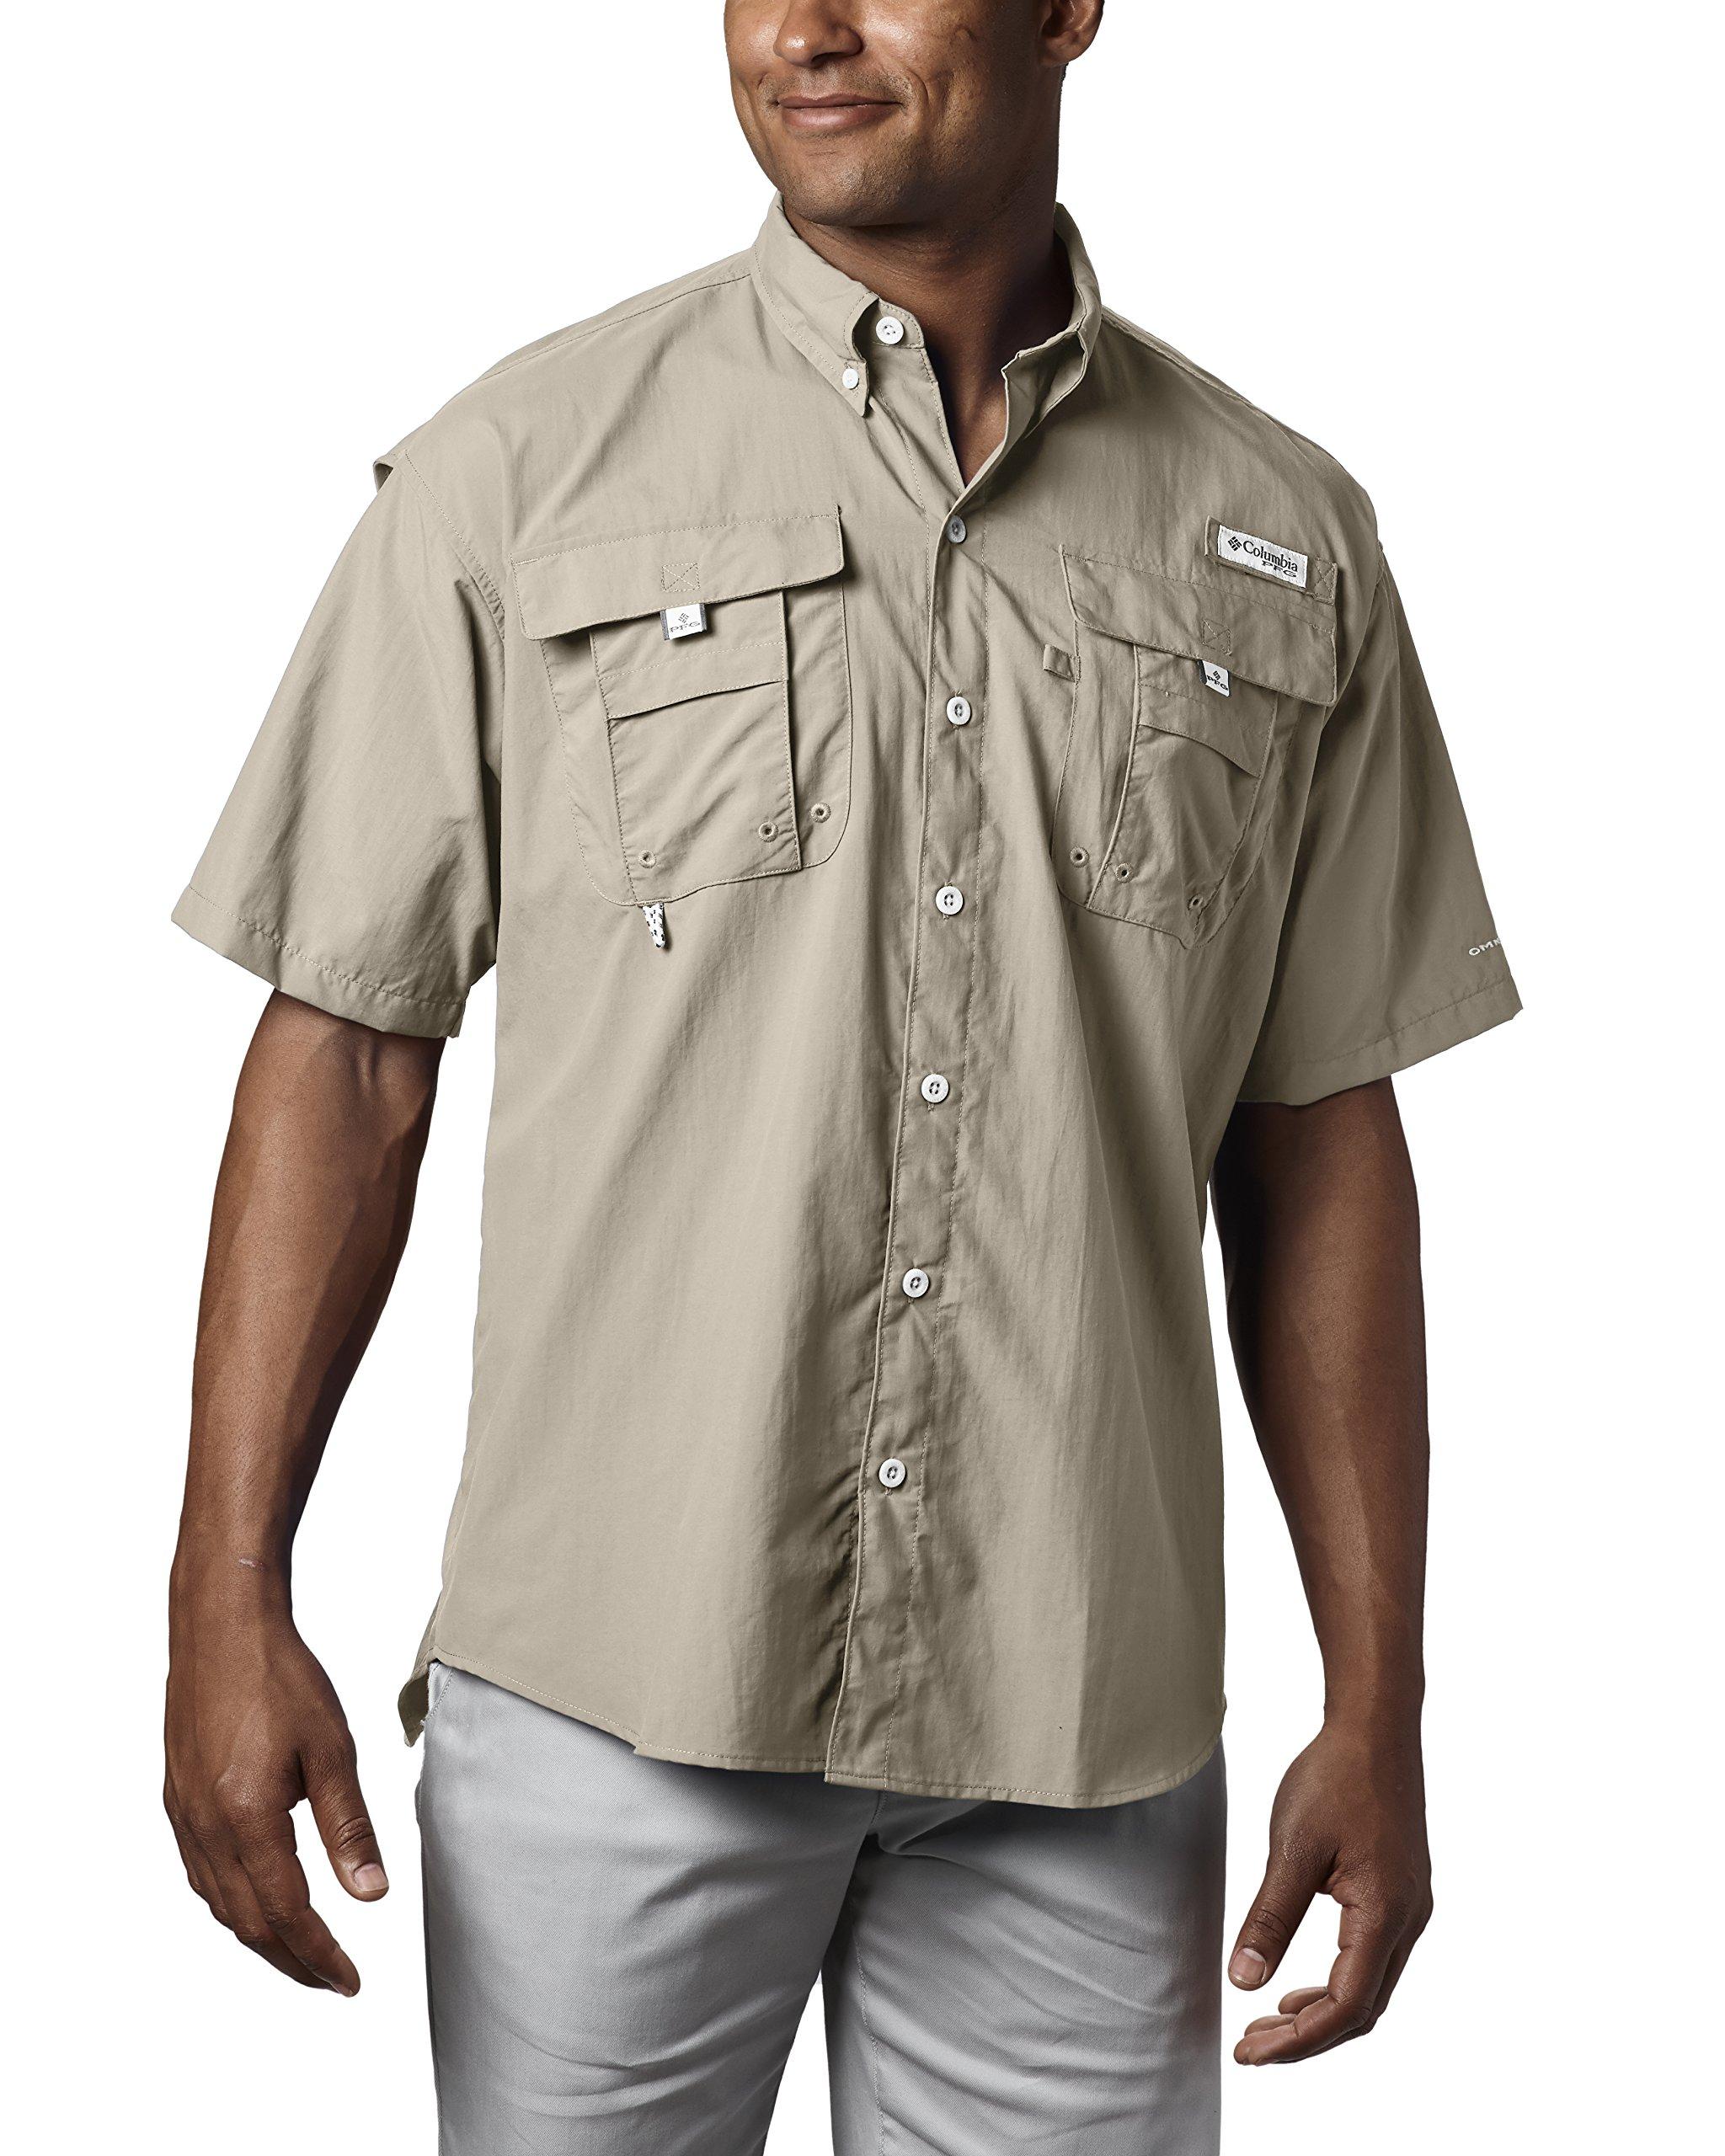 Columbia Men's Bahama II Short Sleeve Shirt, Fossil, 2X Tall